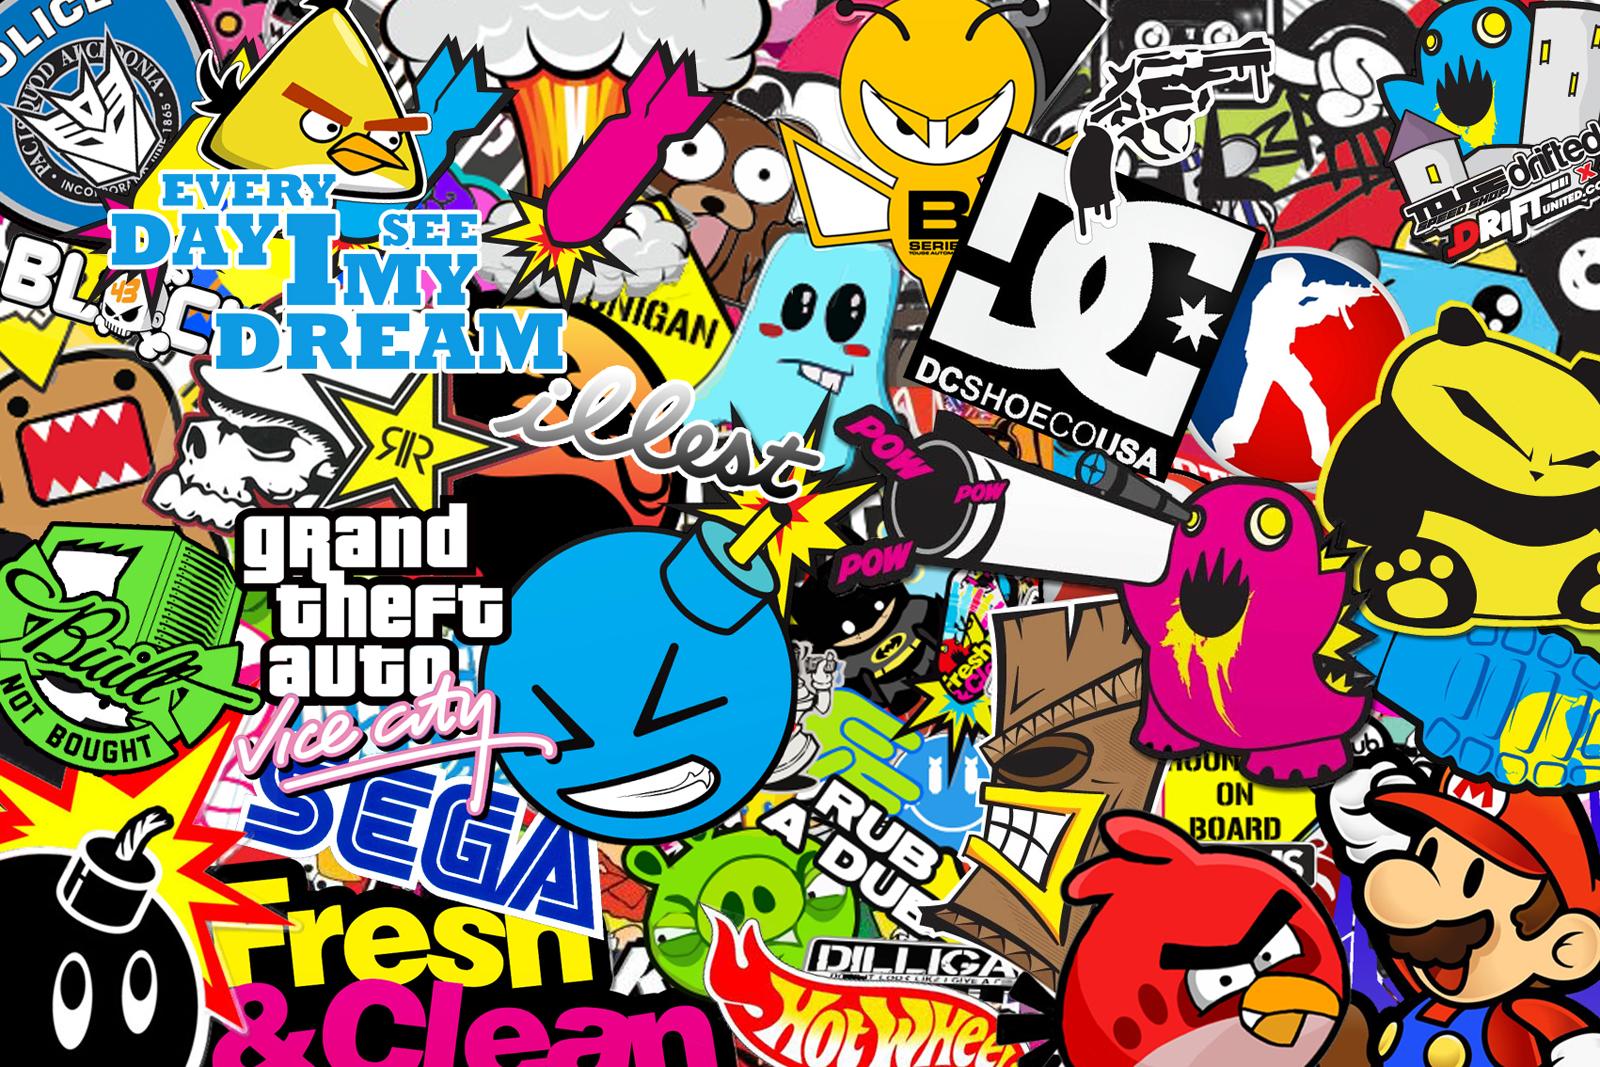 Superb Jdm Sticker Bomb Hd Jdm Stickers Wallpaper Hd